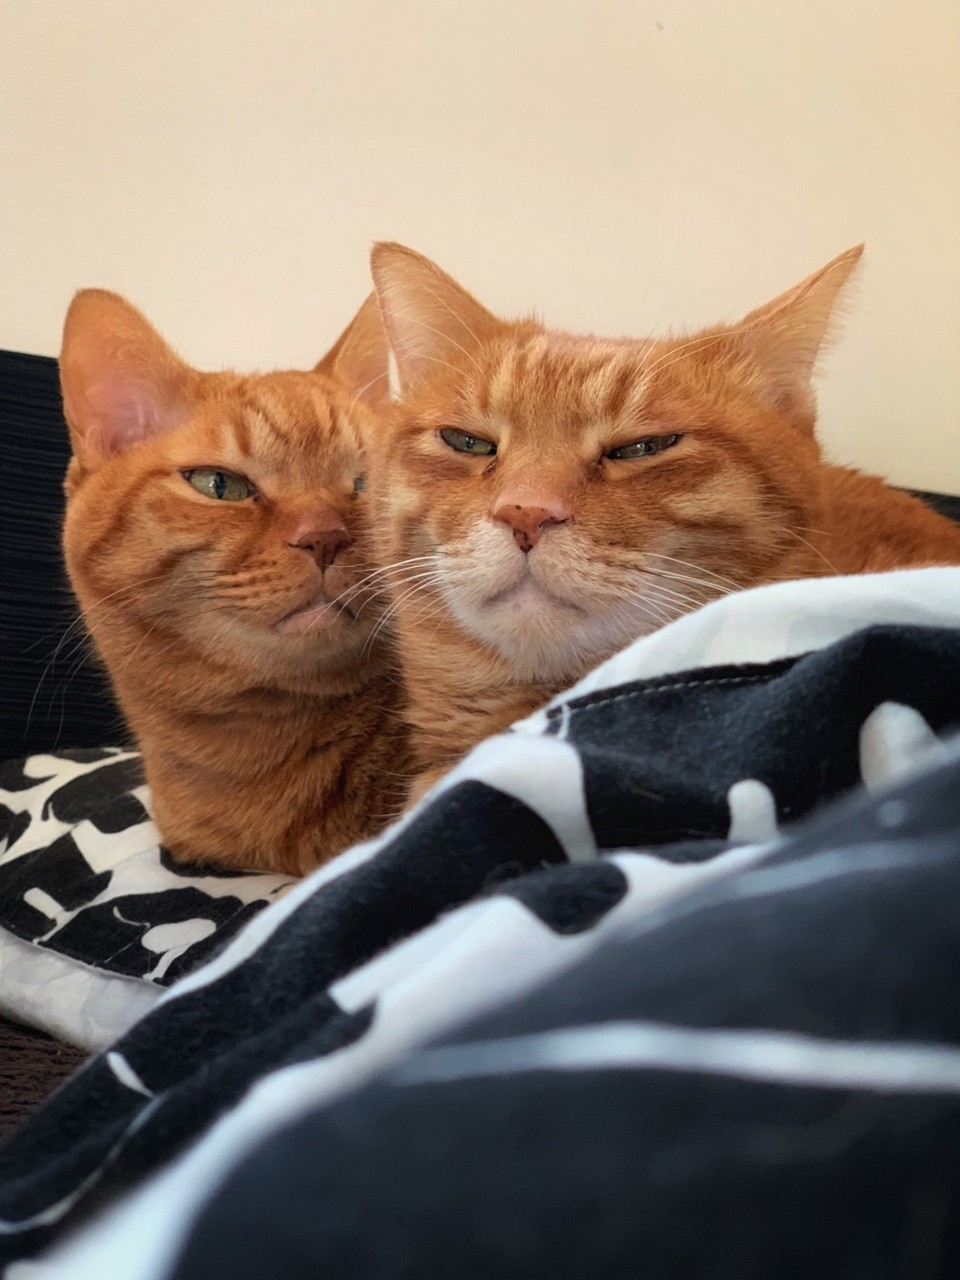 ボクとチビです、朝ママに起されたところです。そろって起きたくなさそう~「ママもどってきて…」くっついて念じている兄弟。ママとネコのこのかけひきは一日続きます。よ